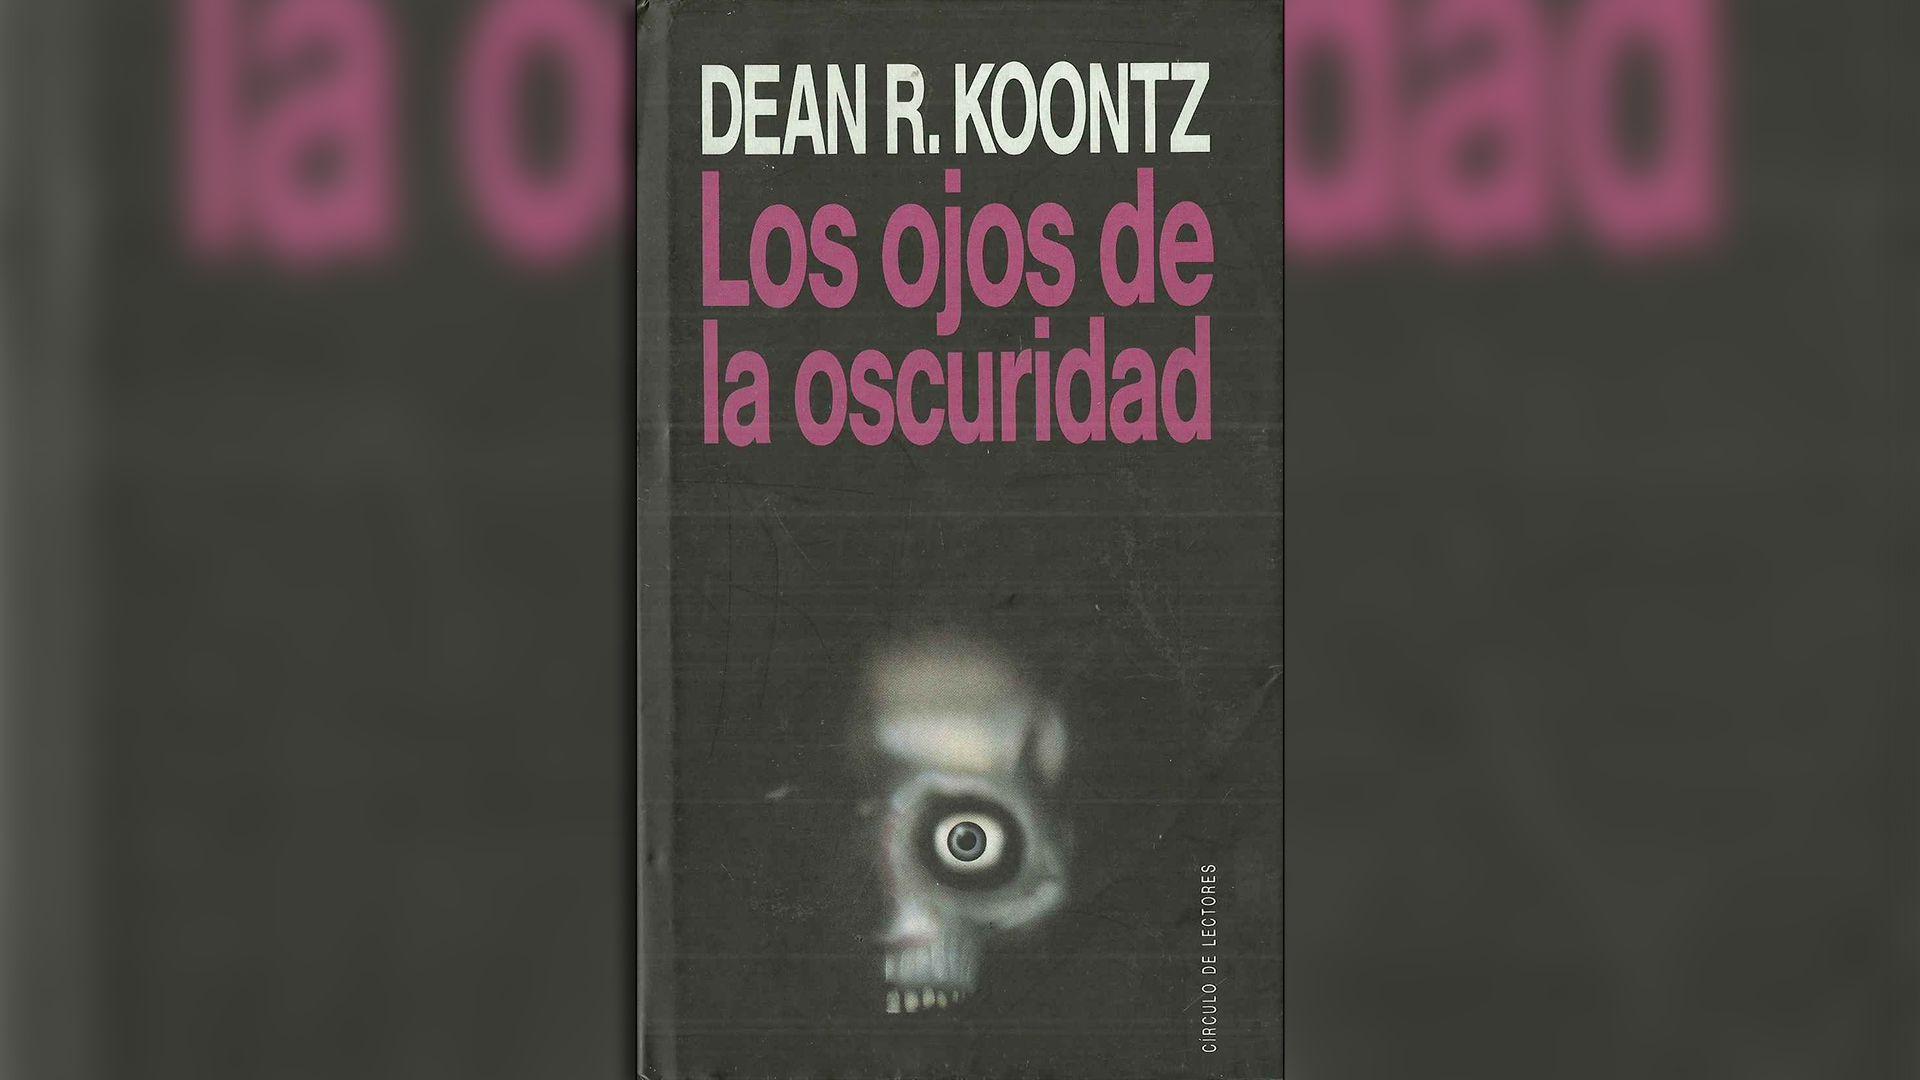 De pronto en las redes sociales se viralizaron publicaciones según las cuales una novela de Dean Koontz de 1981 había anticipado la pandemia del coronavirus.